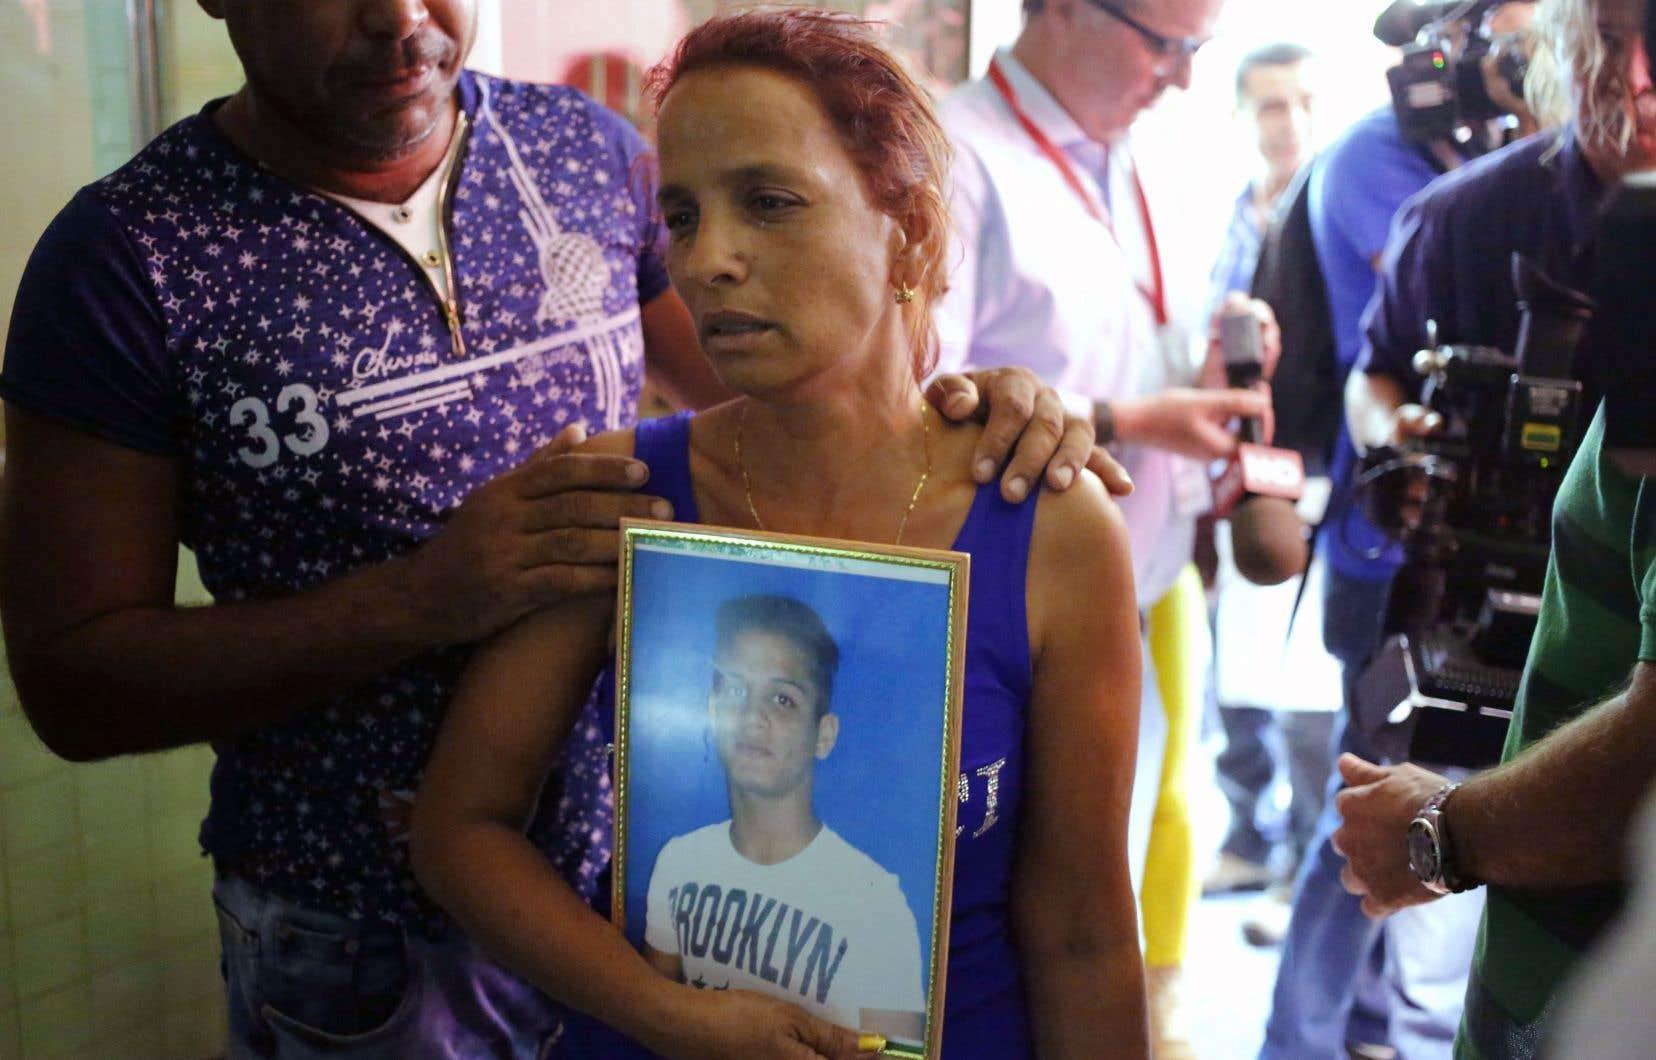 L'heure était à l'identification des corps des victimes, dimanche. Devant la morgue de La Havane, Maidi Charchabal tenait la photo de son fils, Daniel, 22 ans, tué dans l'écrasement, en attendant d'en savoir plus.